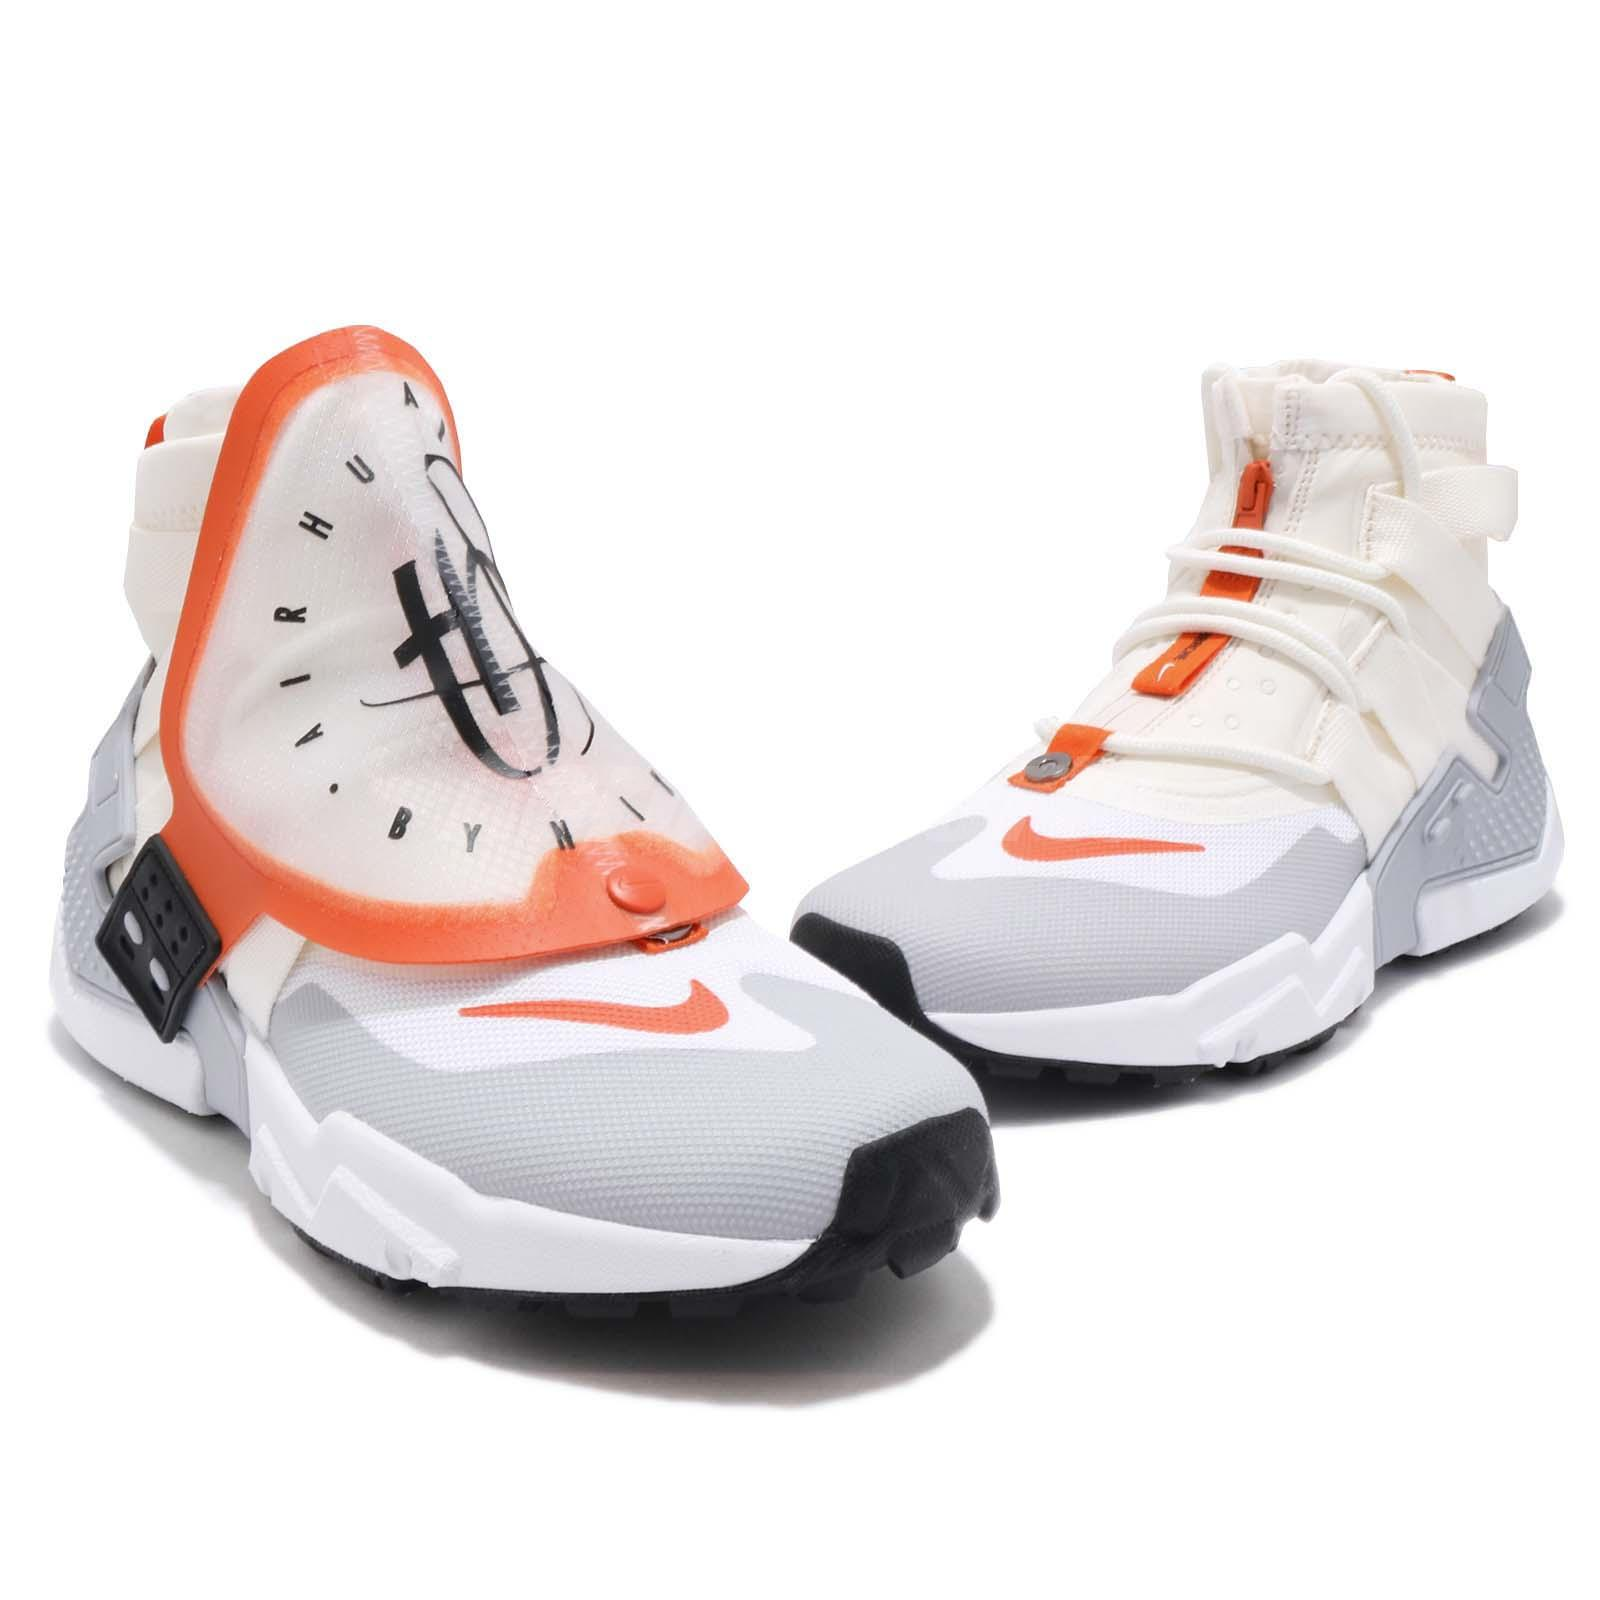 buy online a1ae6 be3f8 Nike Air Huarache Gripp QS Sail Orange White Men Running Casual ...